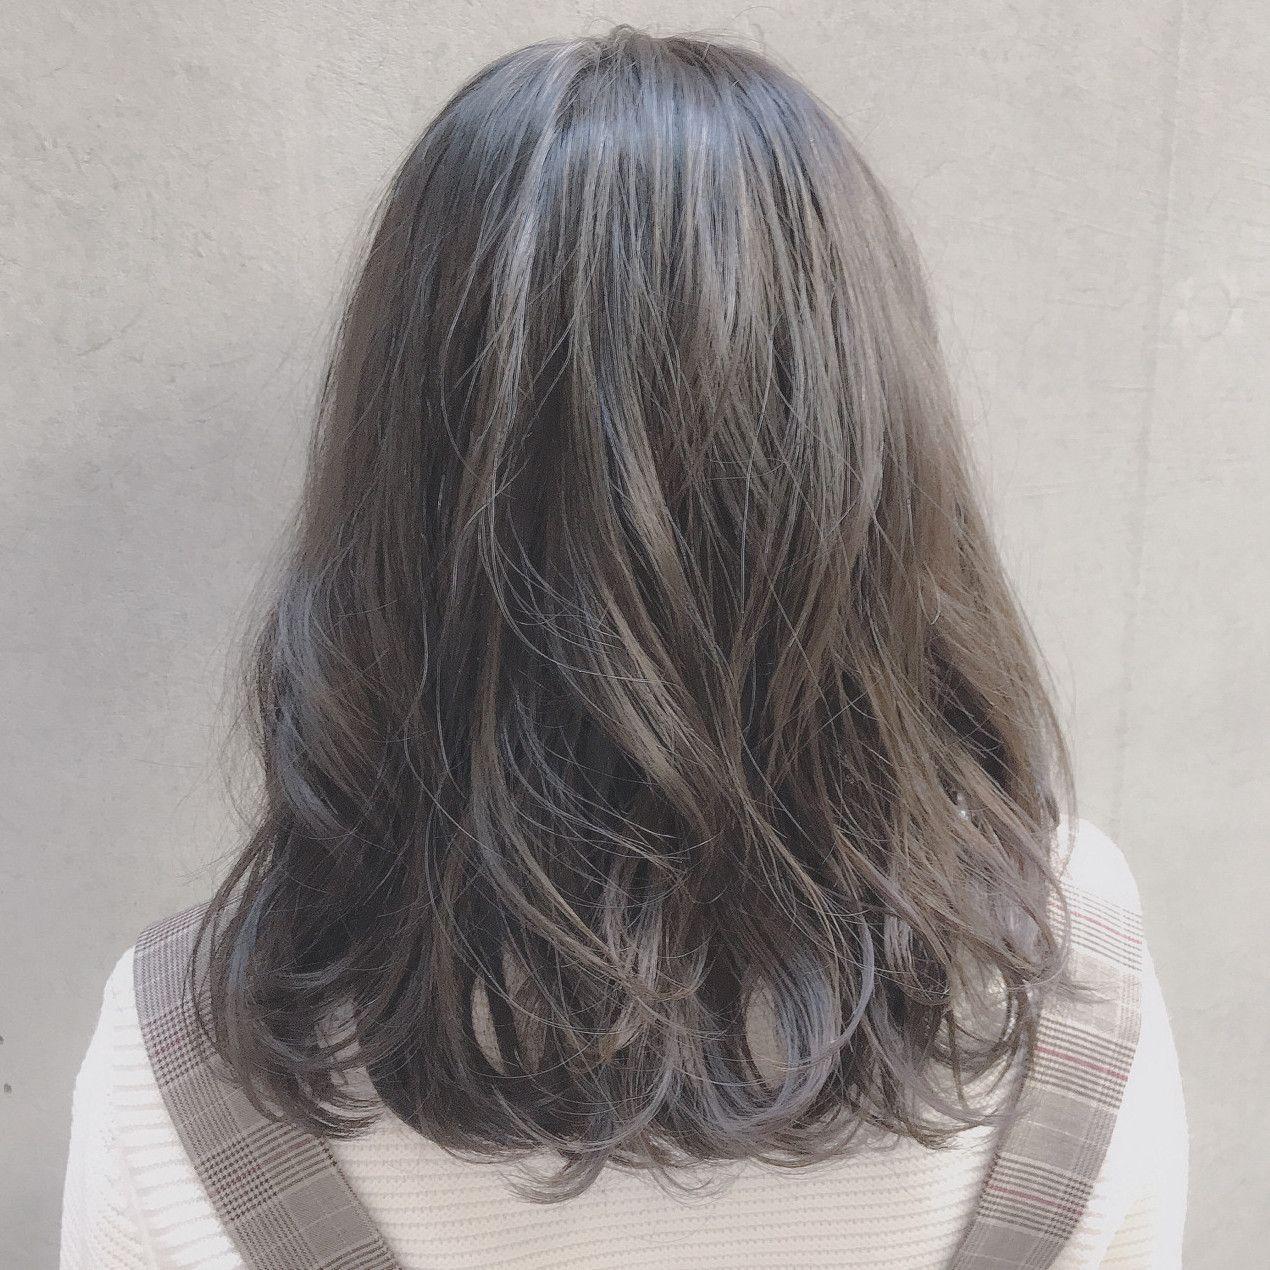 2018年秋冬に挑戦すべき人気髪色集 トレンドヘアでオシャレを楽しんで